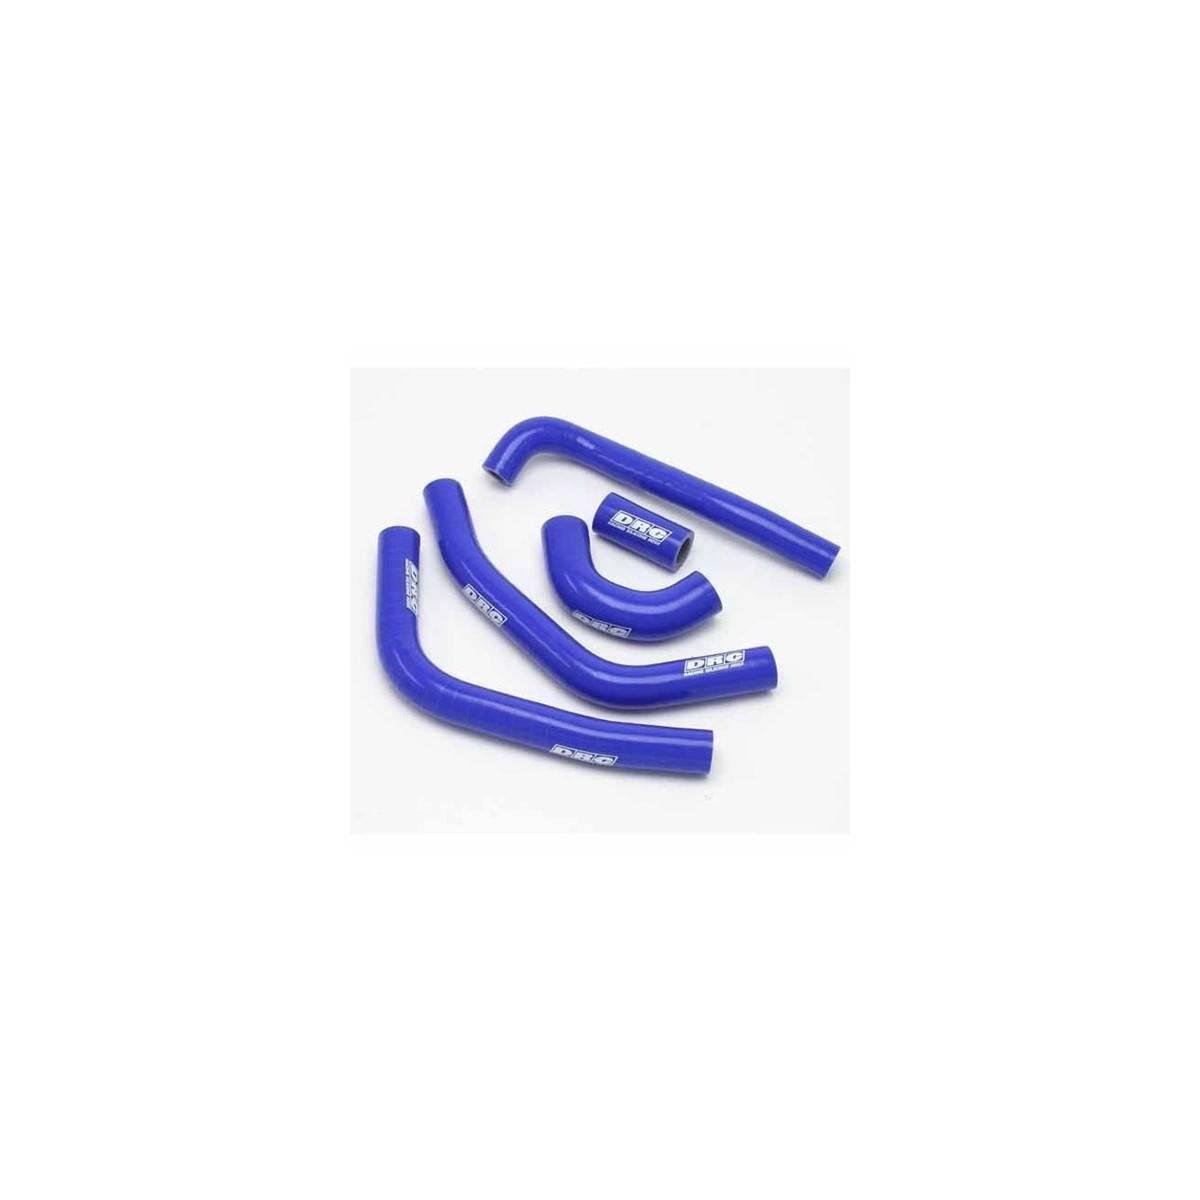 D47.01.272 - Kit Manguitos Radiador Kawa Kx450F ´06-08 Azul